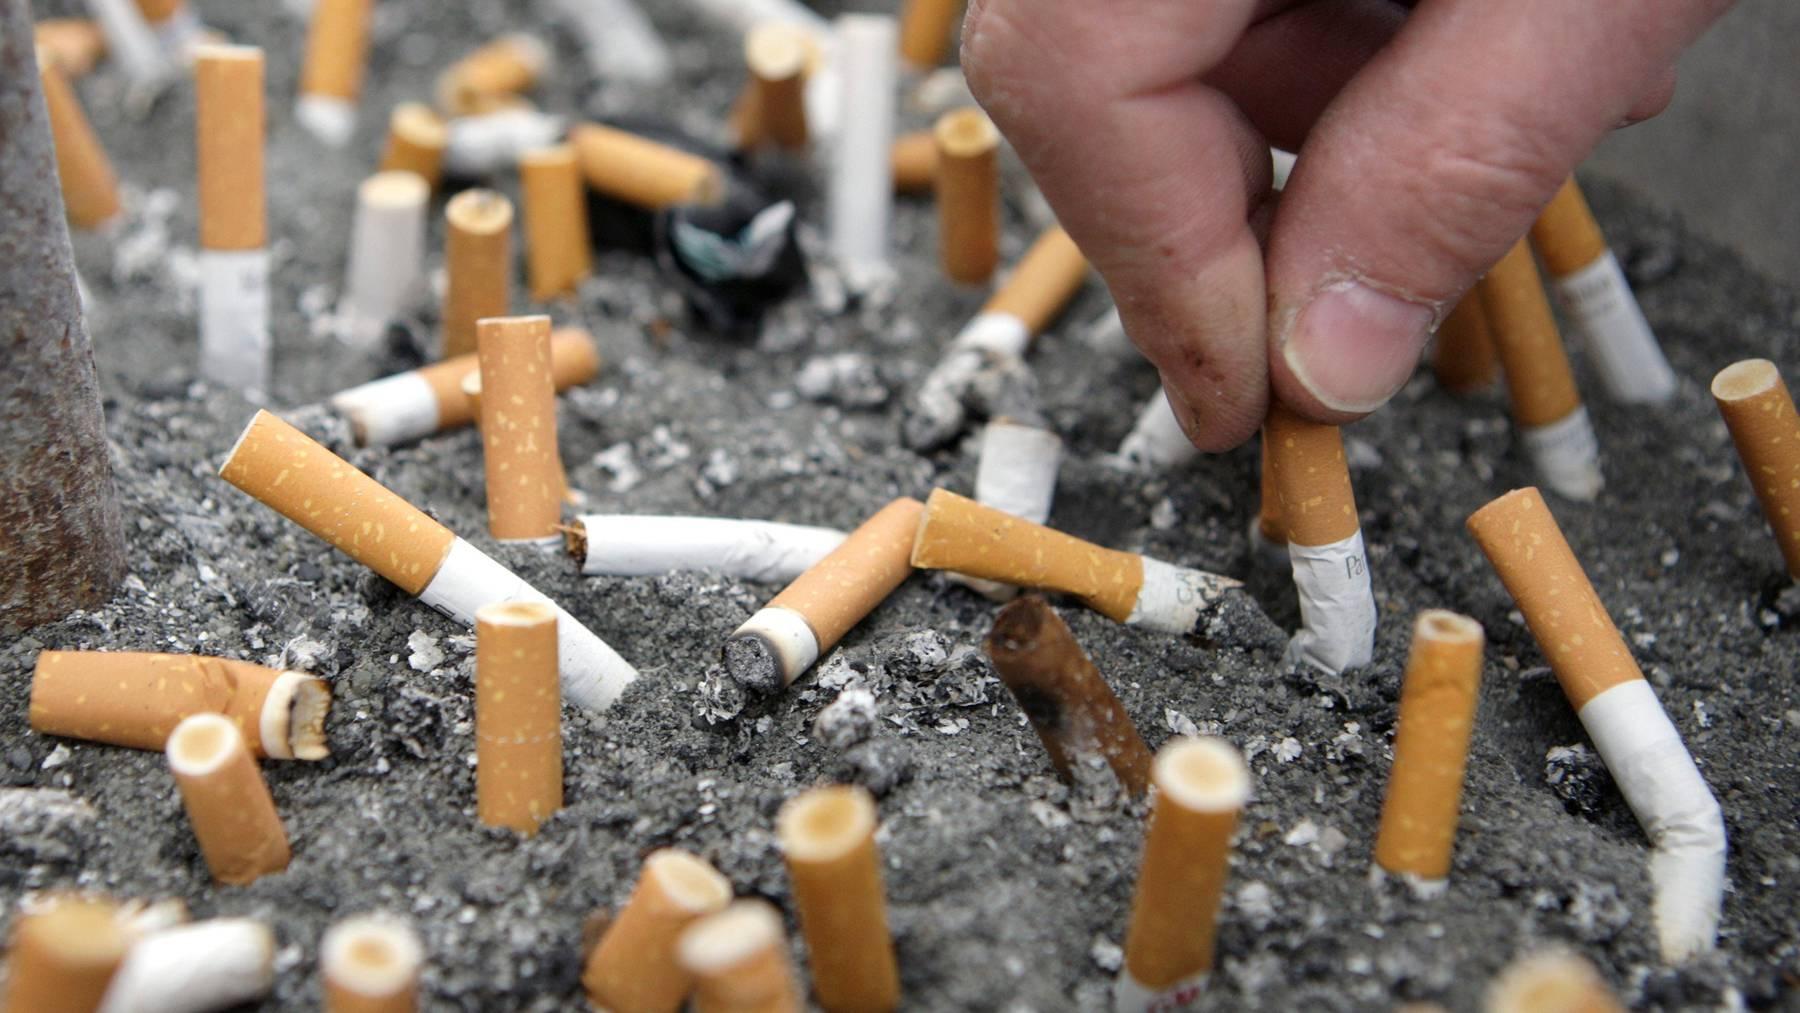 Die höchsten volkswirtschaftlichen Kosten entstehen durch Nikotinsucht. (Symbolbild)